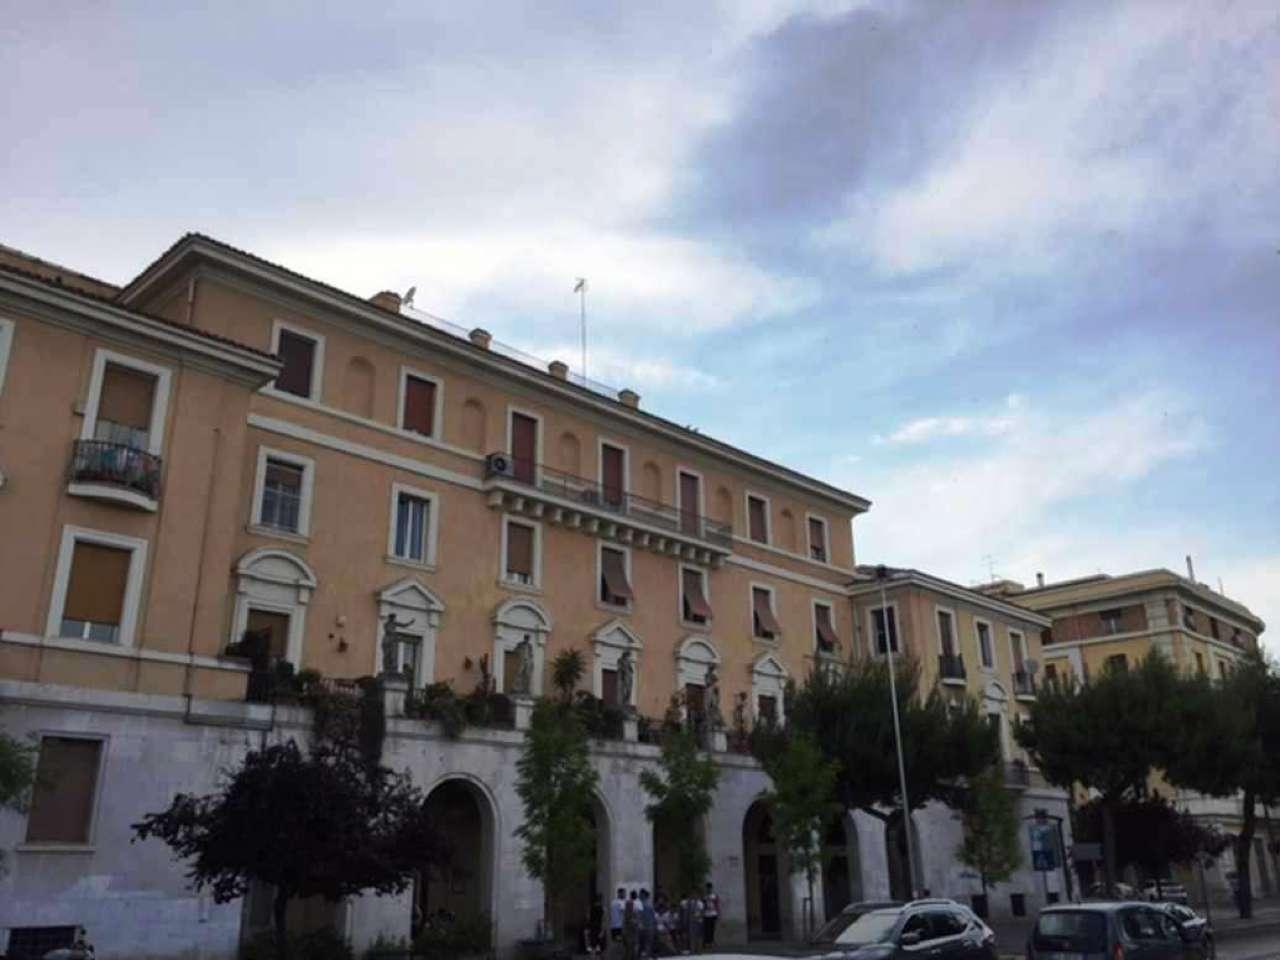 Appartamento in vendita a Foggia, 3 locali, prezzo € 130.000 | CambioCasa.it